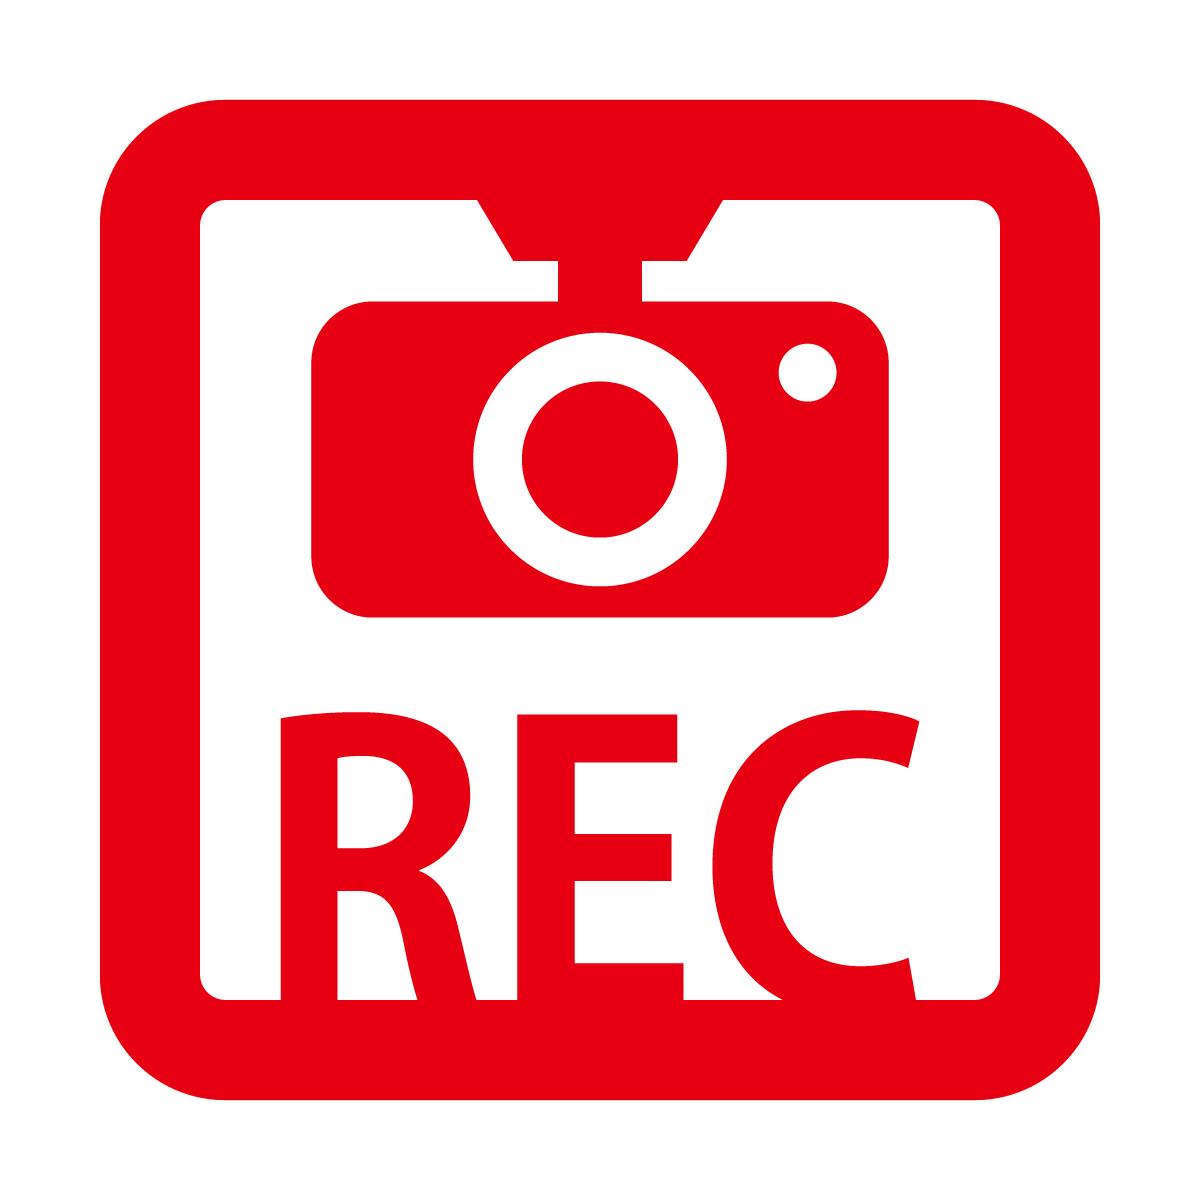 赤色のドラレコ 録画中 撮影中 REC 防犯 セキュリティーマークのカッティング ステッカー・シール 光沢タイプ・防水・耐水・屋外耐候3~4年 煽り運転 抑止 ドライブレコーダー 車間距離